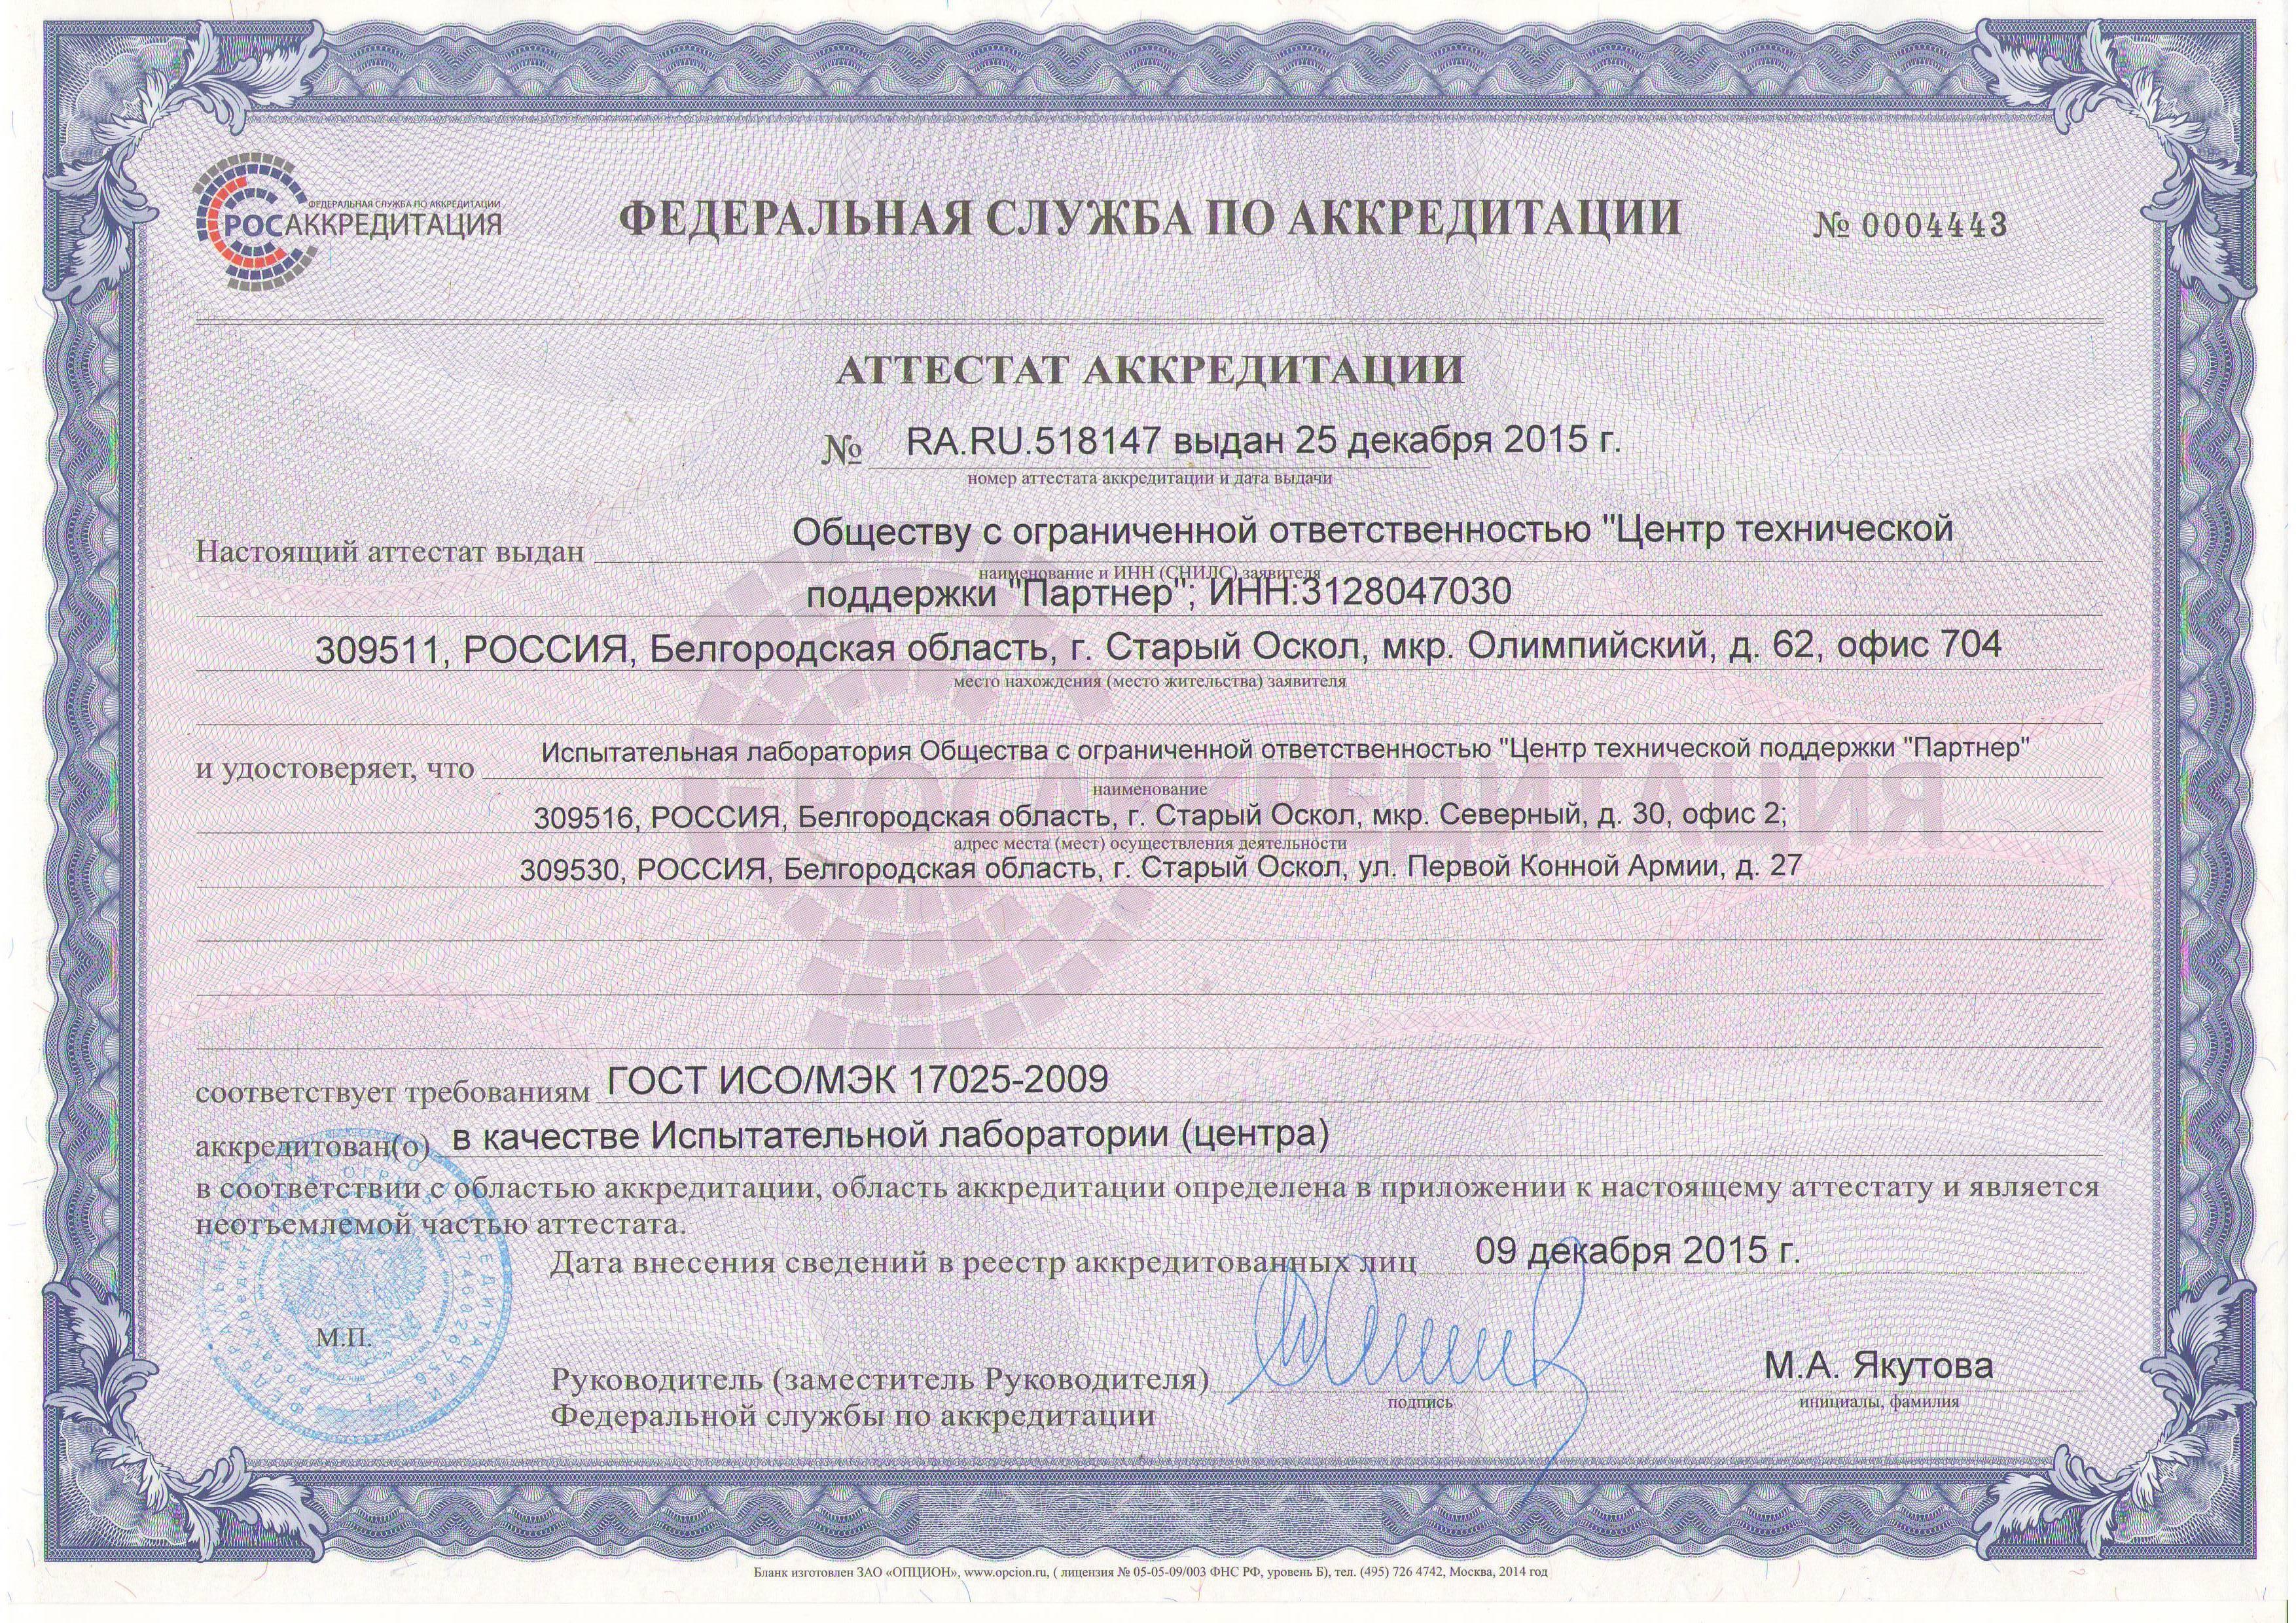 Attestat-akkreditatsii-novyj